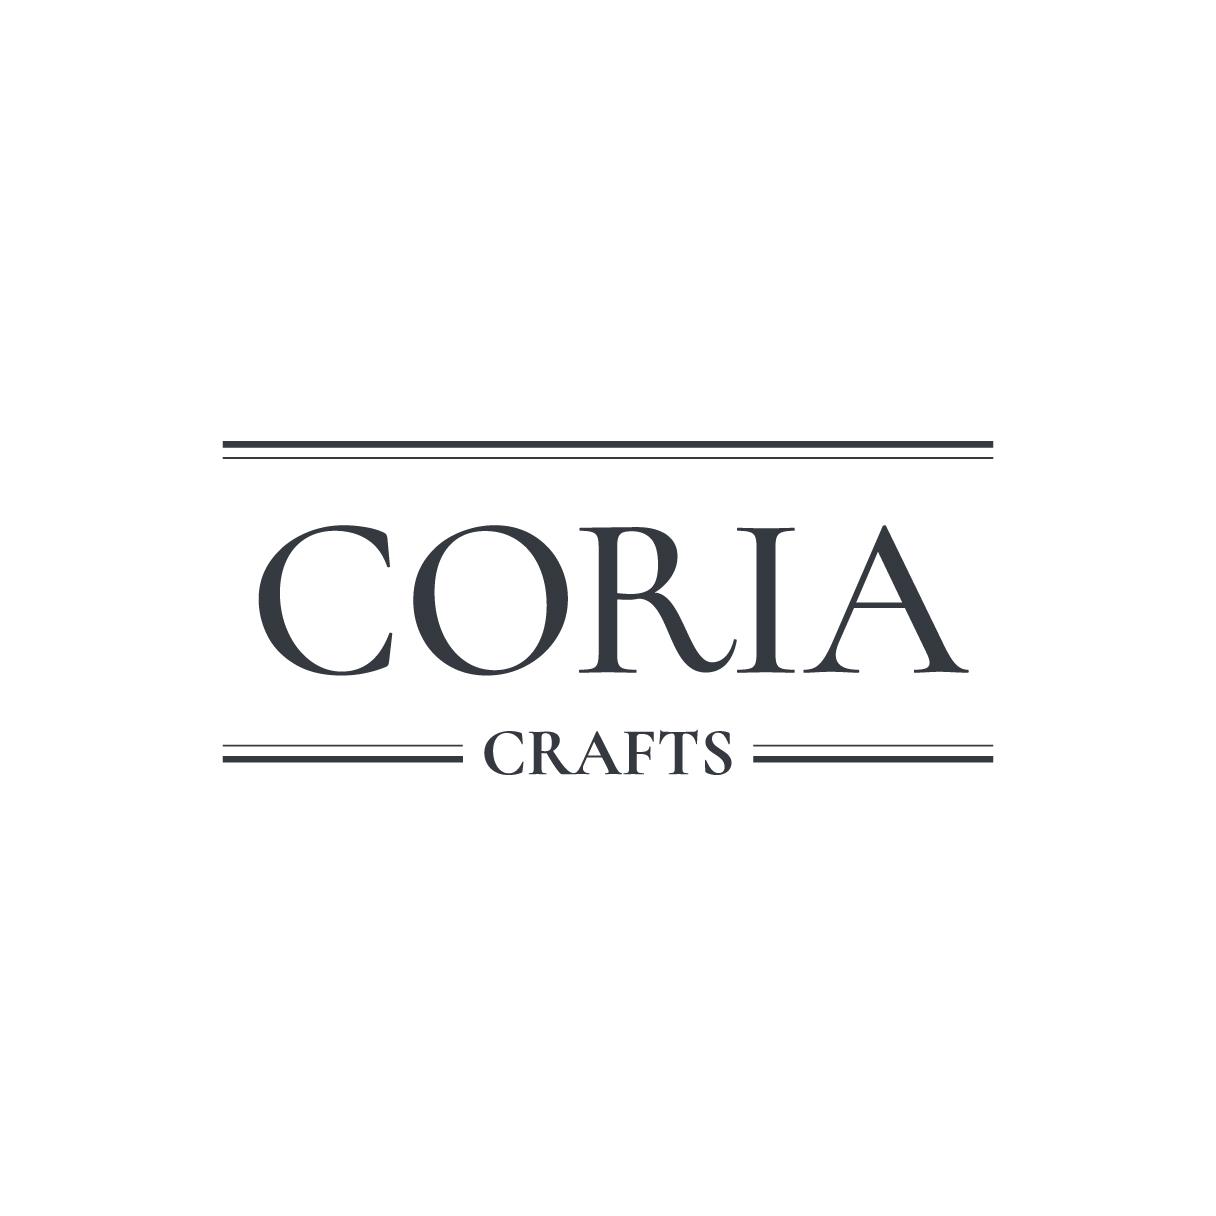 Coria Crafts Logo